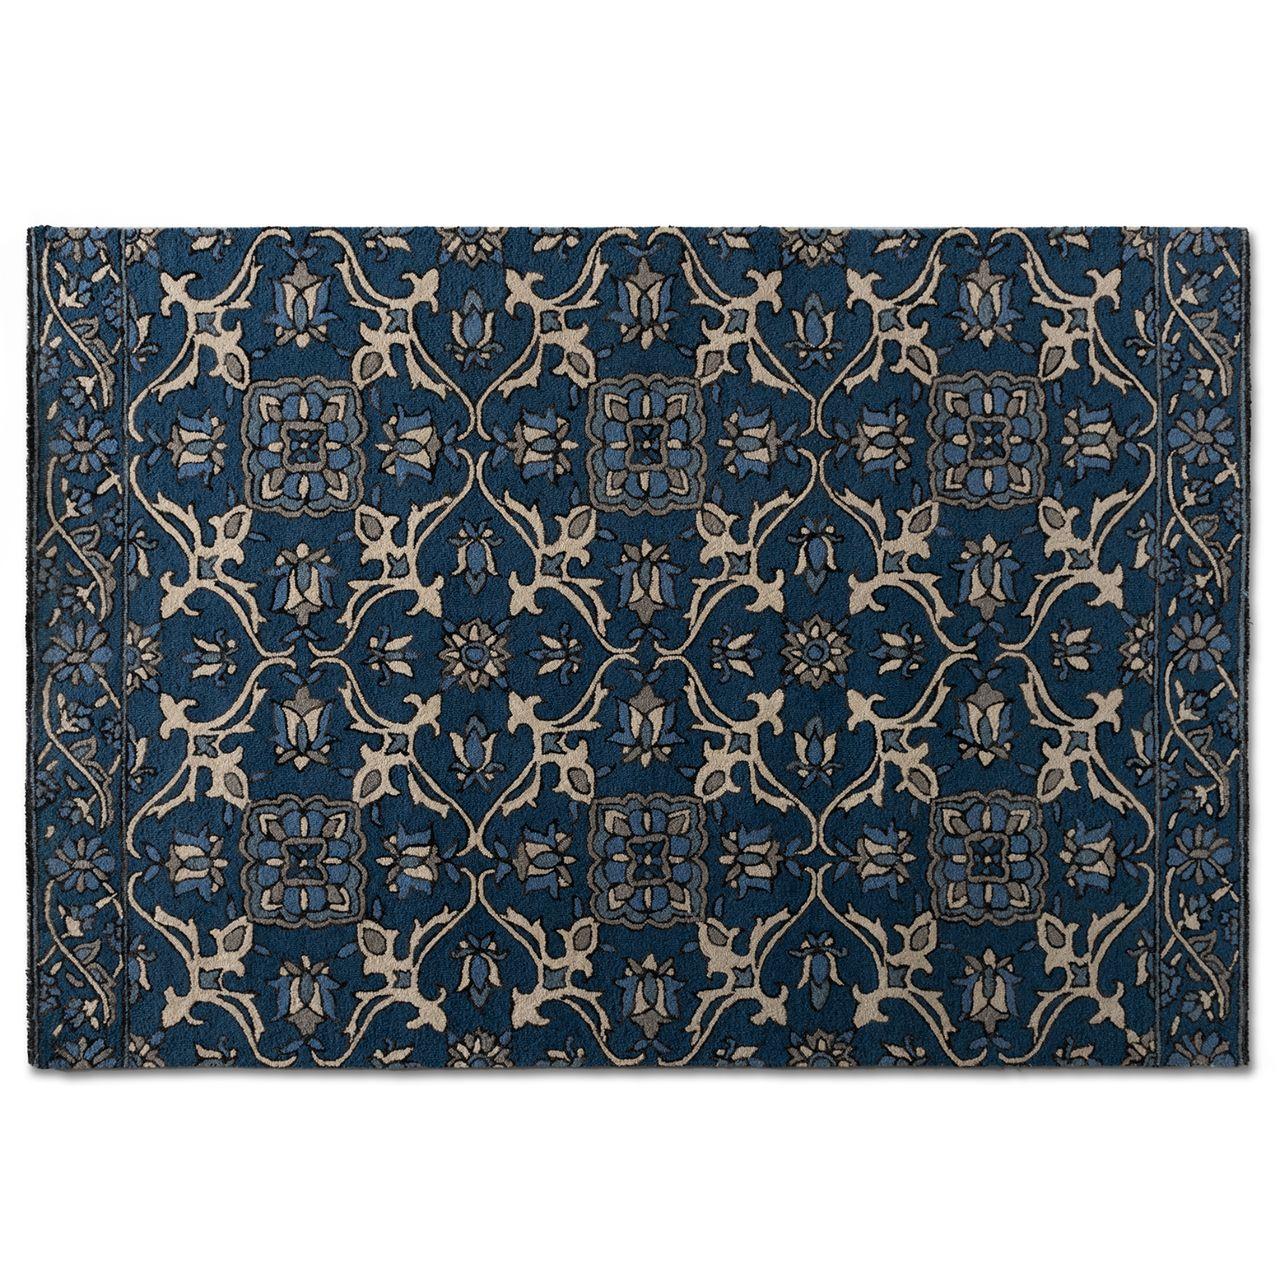 Baxton Studio Panacea Blue Hand-Tufted Wool Area Rug